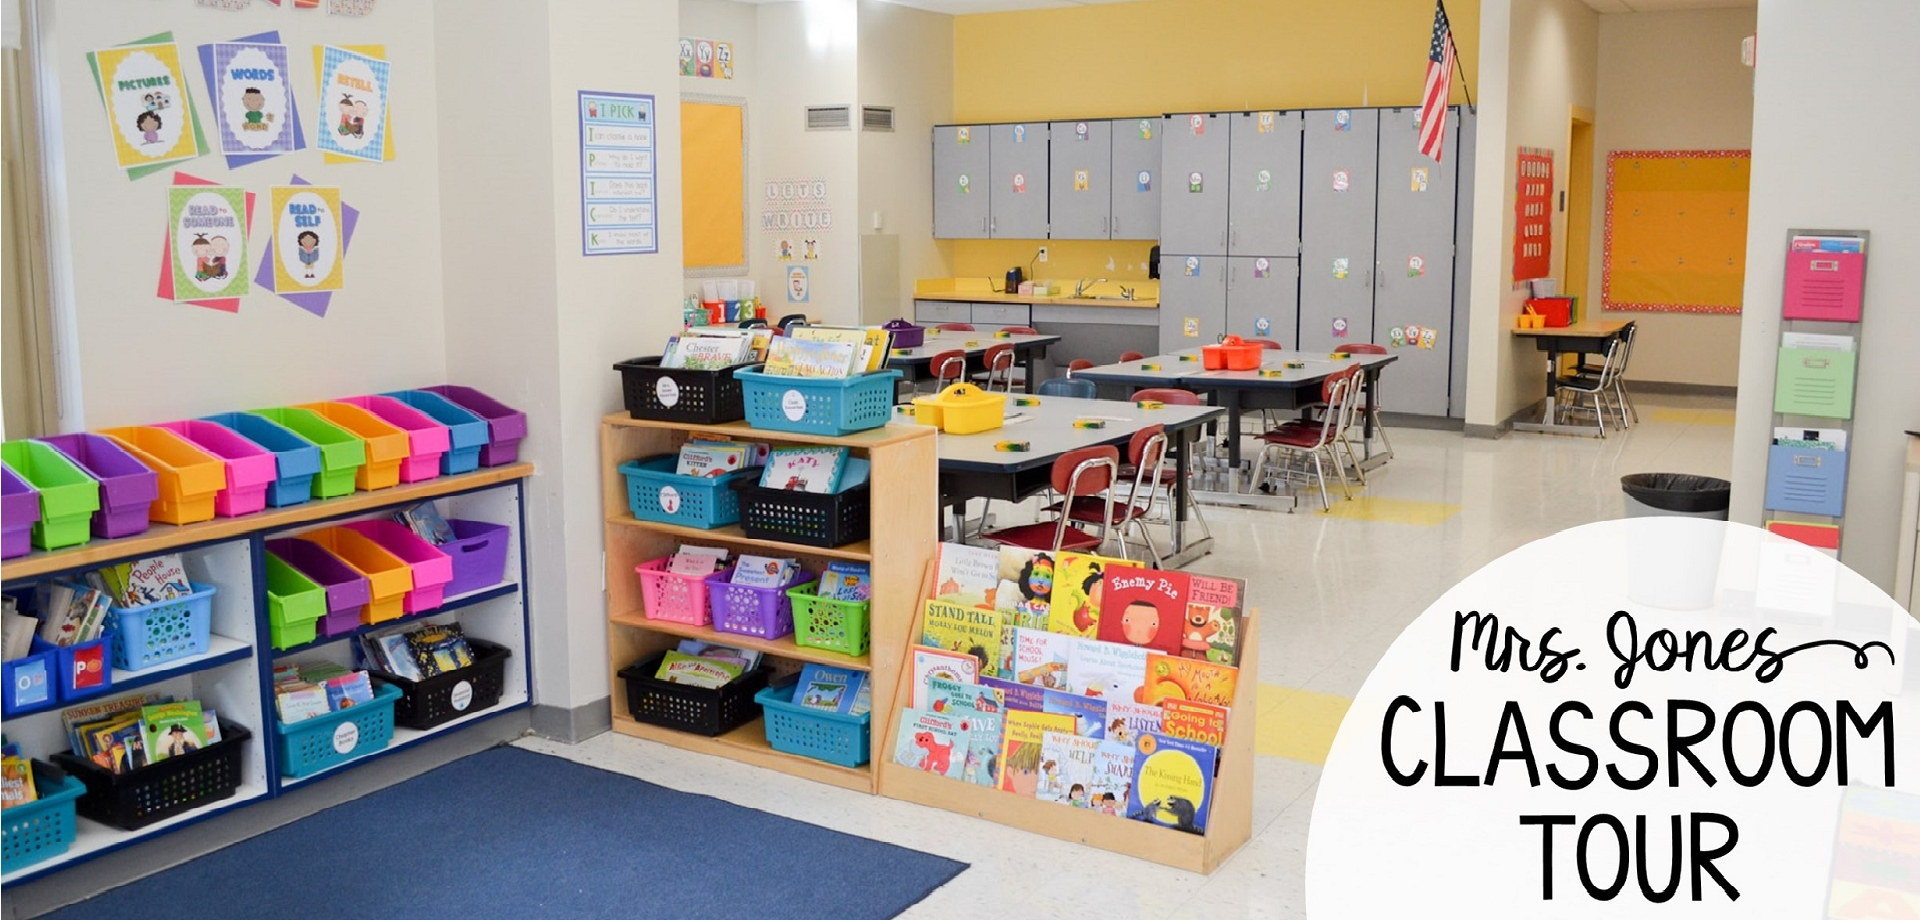 10 Fantastic Middle School Classroom Decorating Ideas classroom pictures back to school classroom decor classroom setup 2020